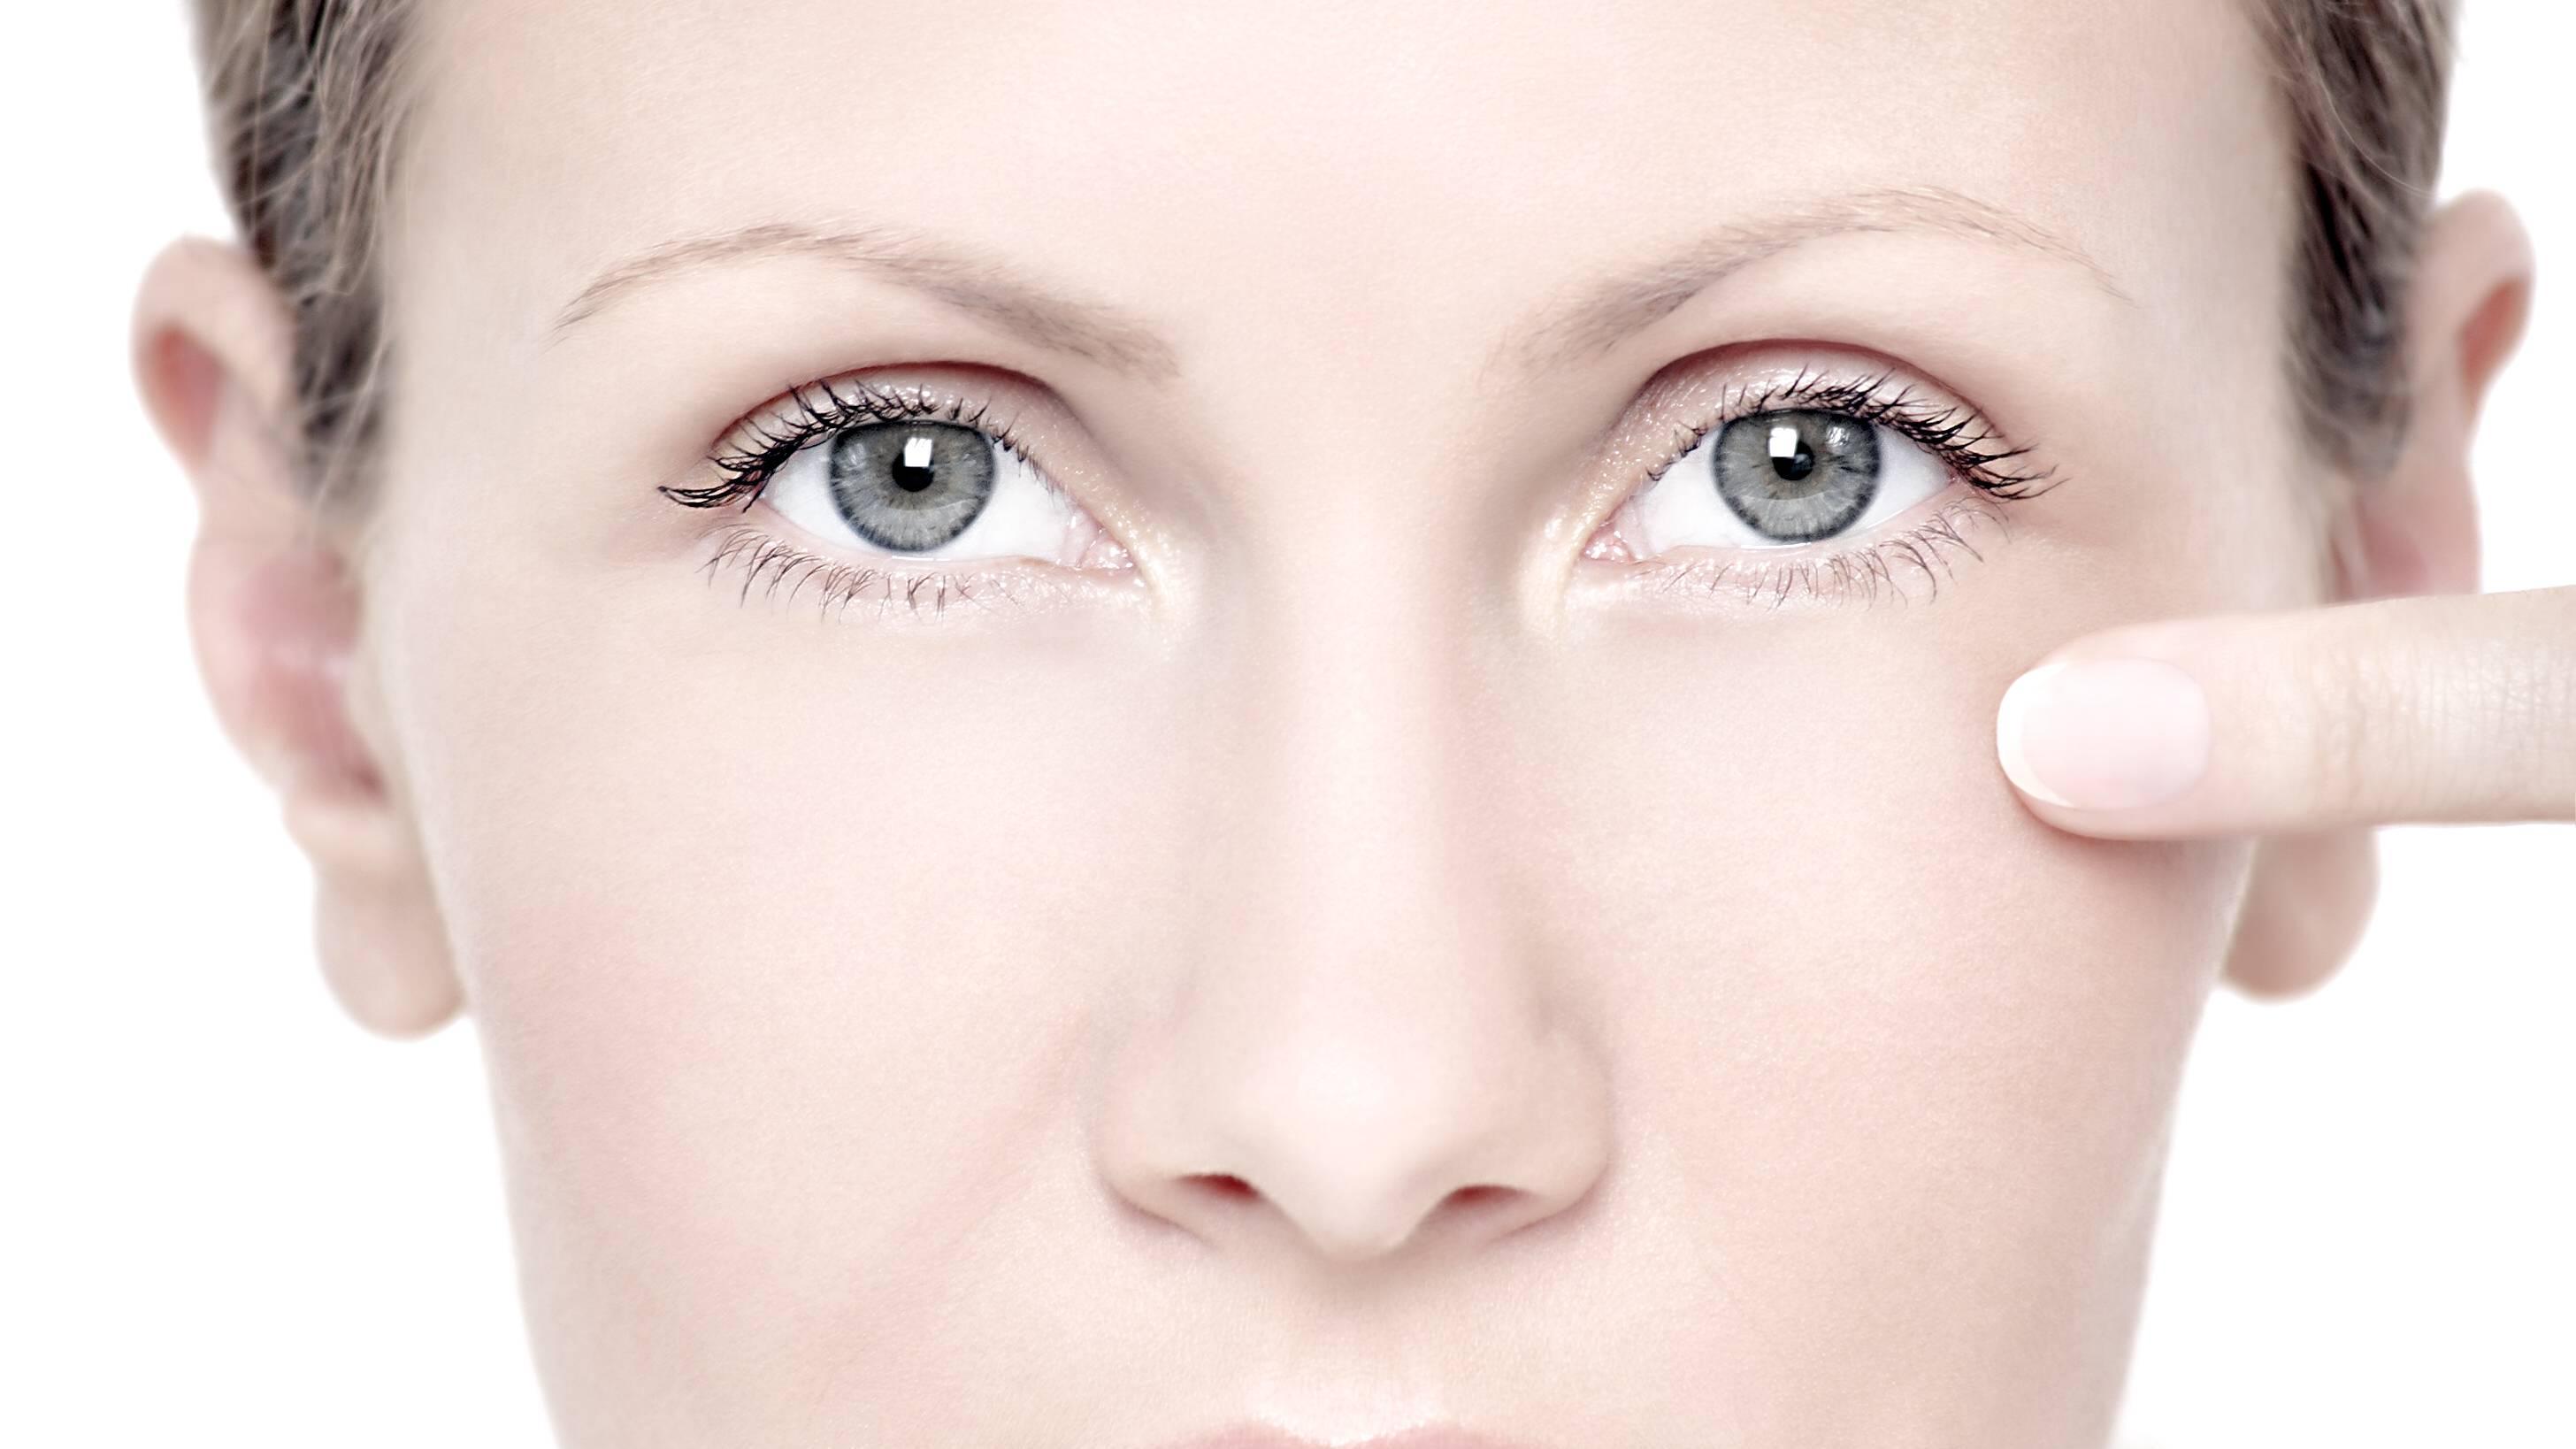 Lichtempfindliche Augen: Ursachen, Symptome und Behandlung